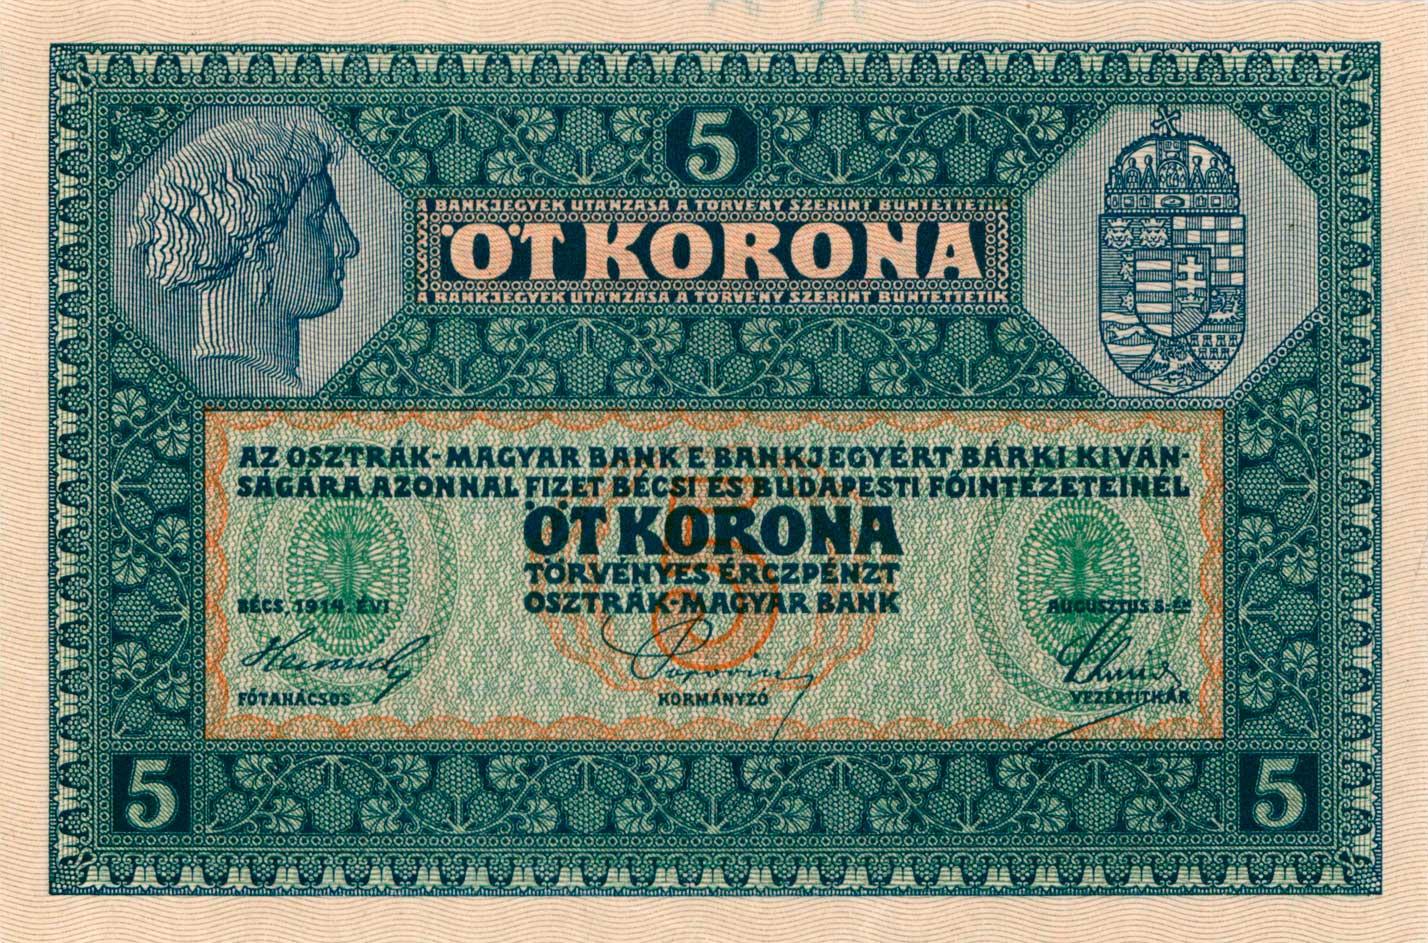 AHU-0018-5-Kronen-19140805-OENB-b